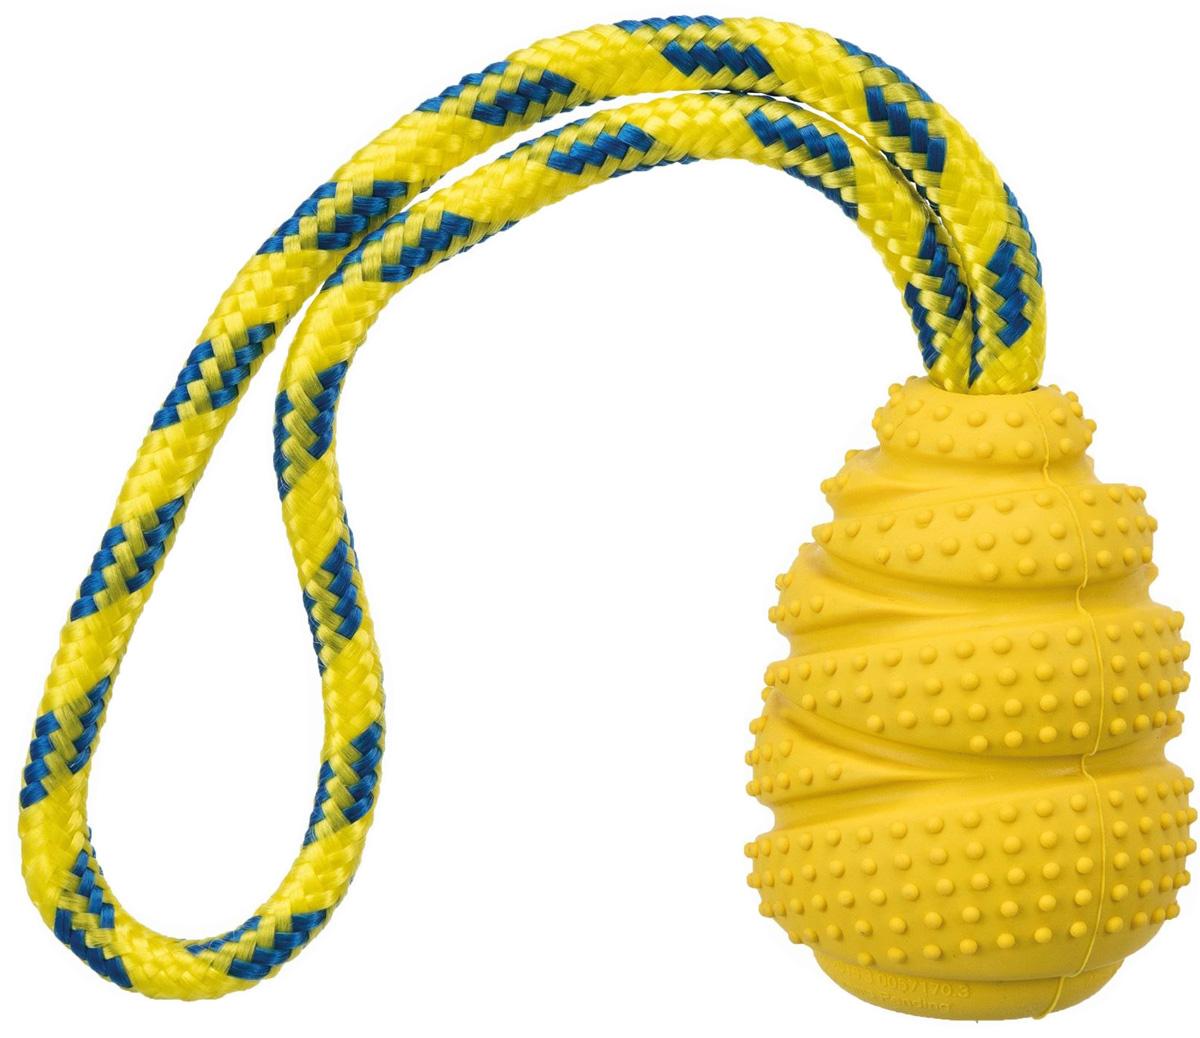 Игрушка для собак Trixie Sporting Прыгун на верёвке резина 9 см 30 см (1 шт)